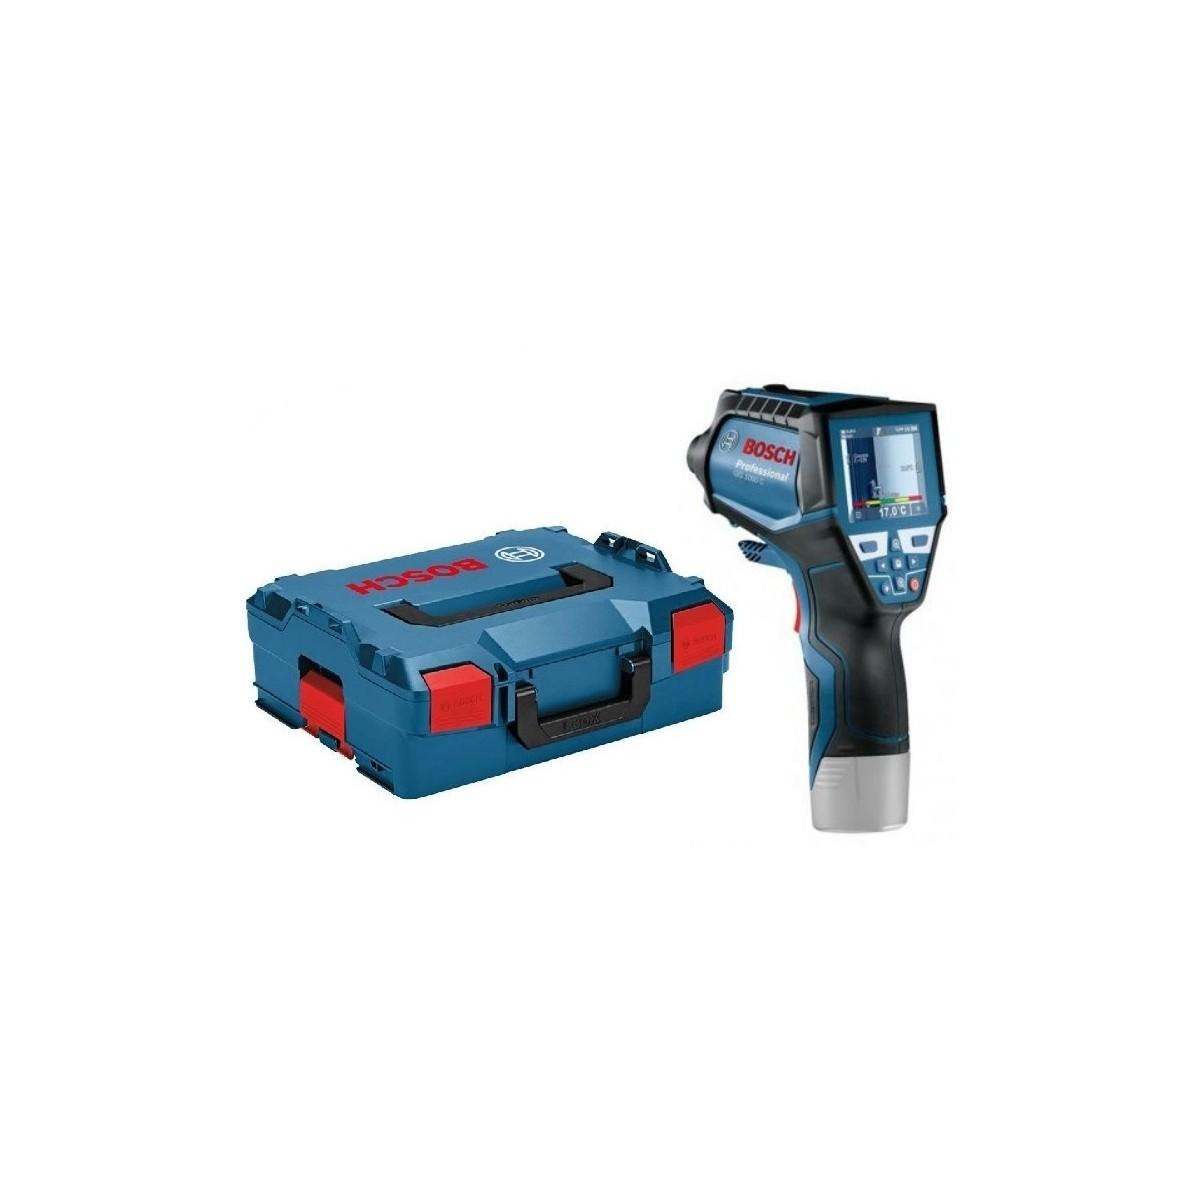 BOSCH Termodetektors GIS 1000 C 12V SOLO 0601083308